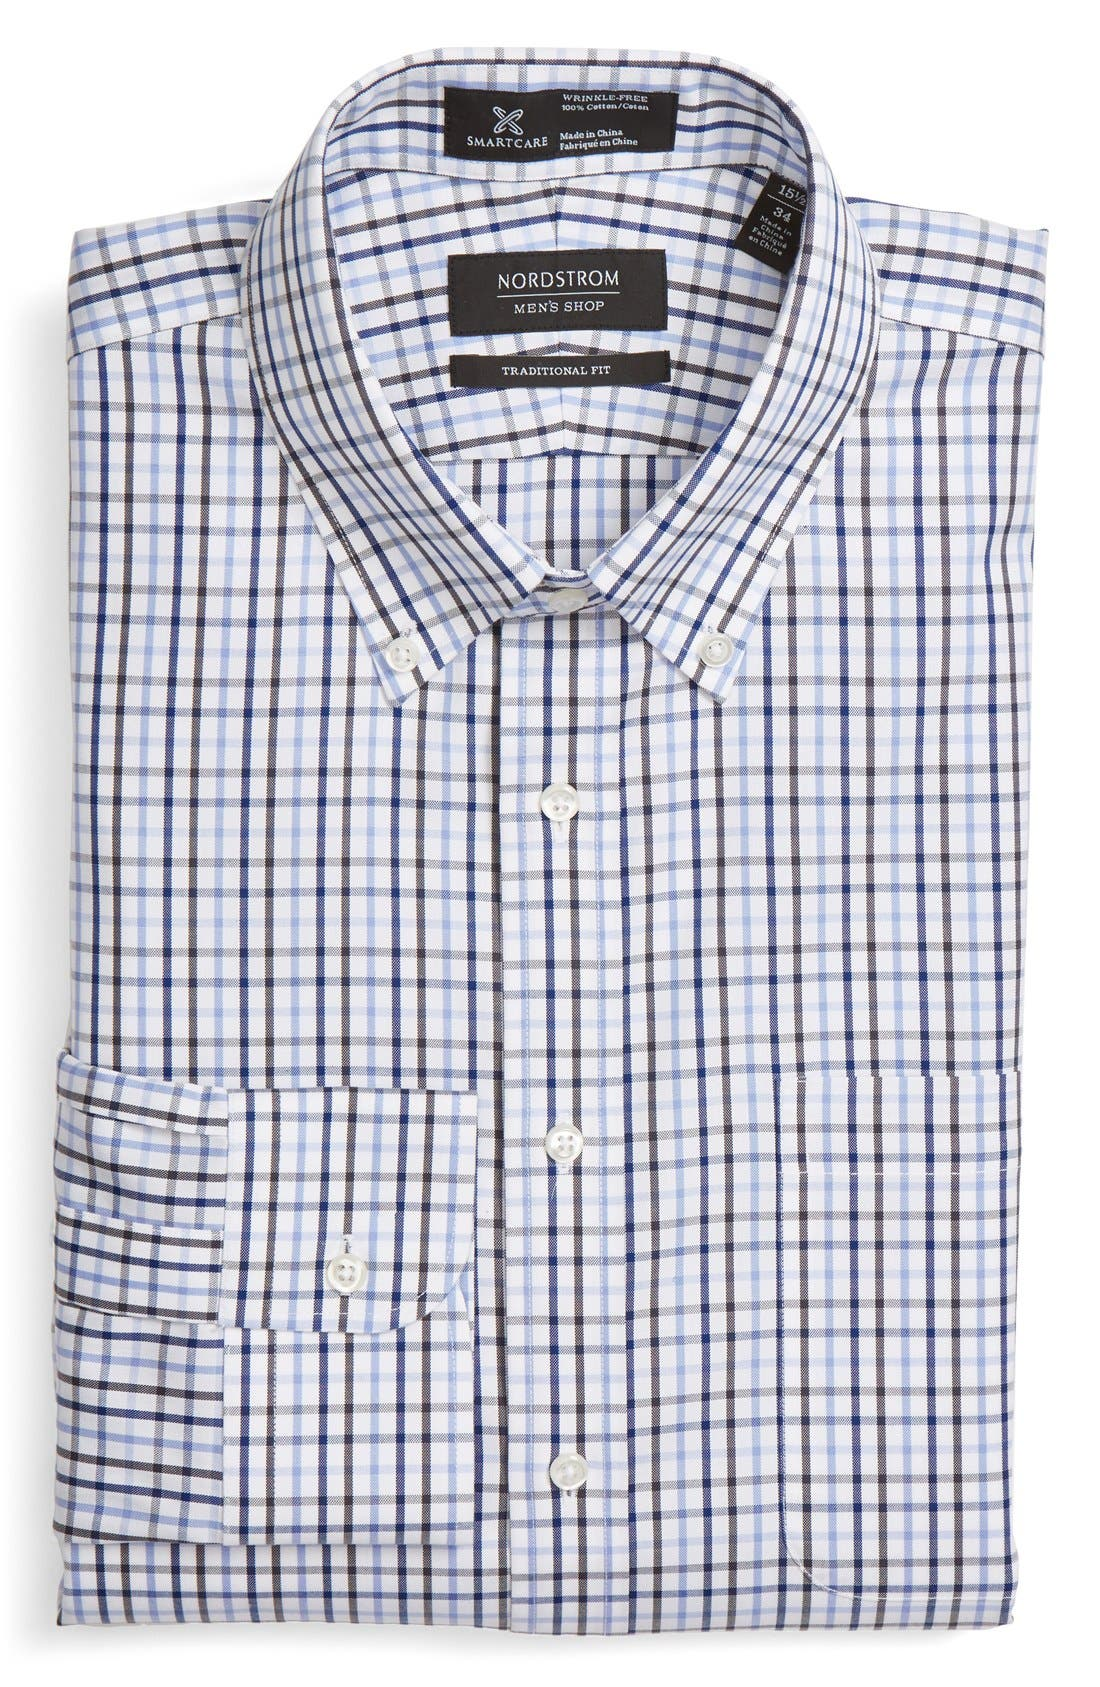 NORDSTROM MEN'S SHOP Smartcare™ Traditional Fit Plaid Dress